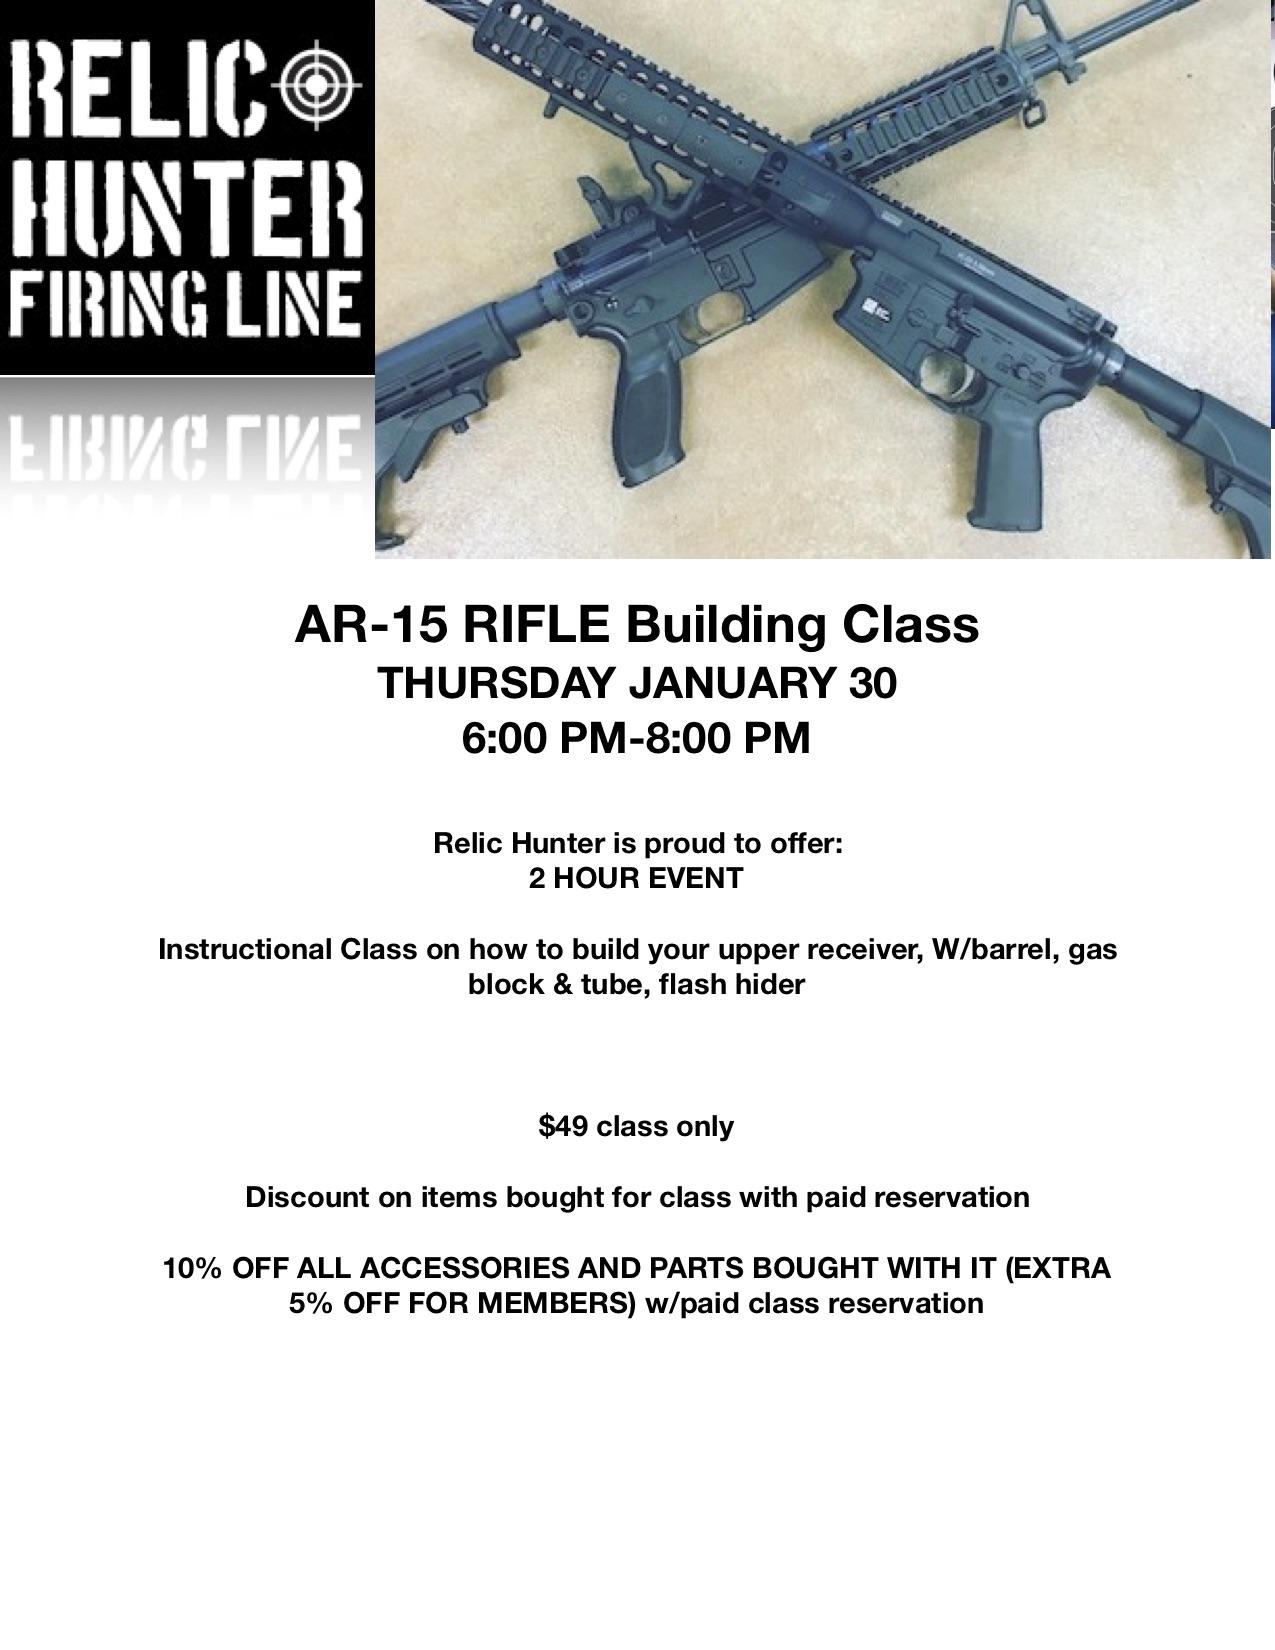 AR15 class flyer upper